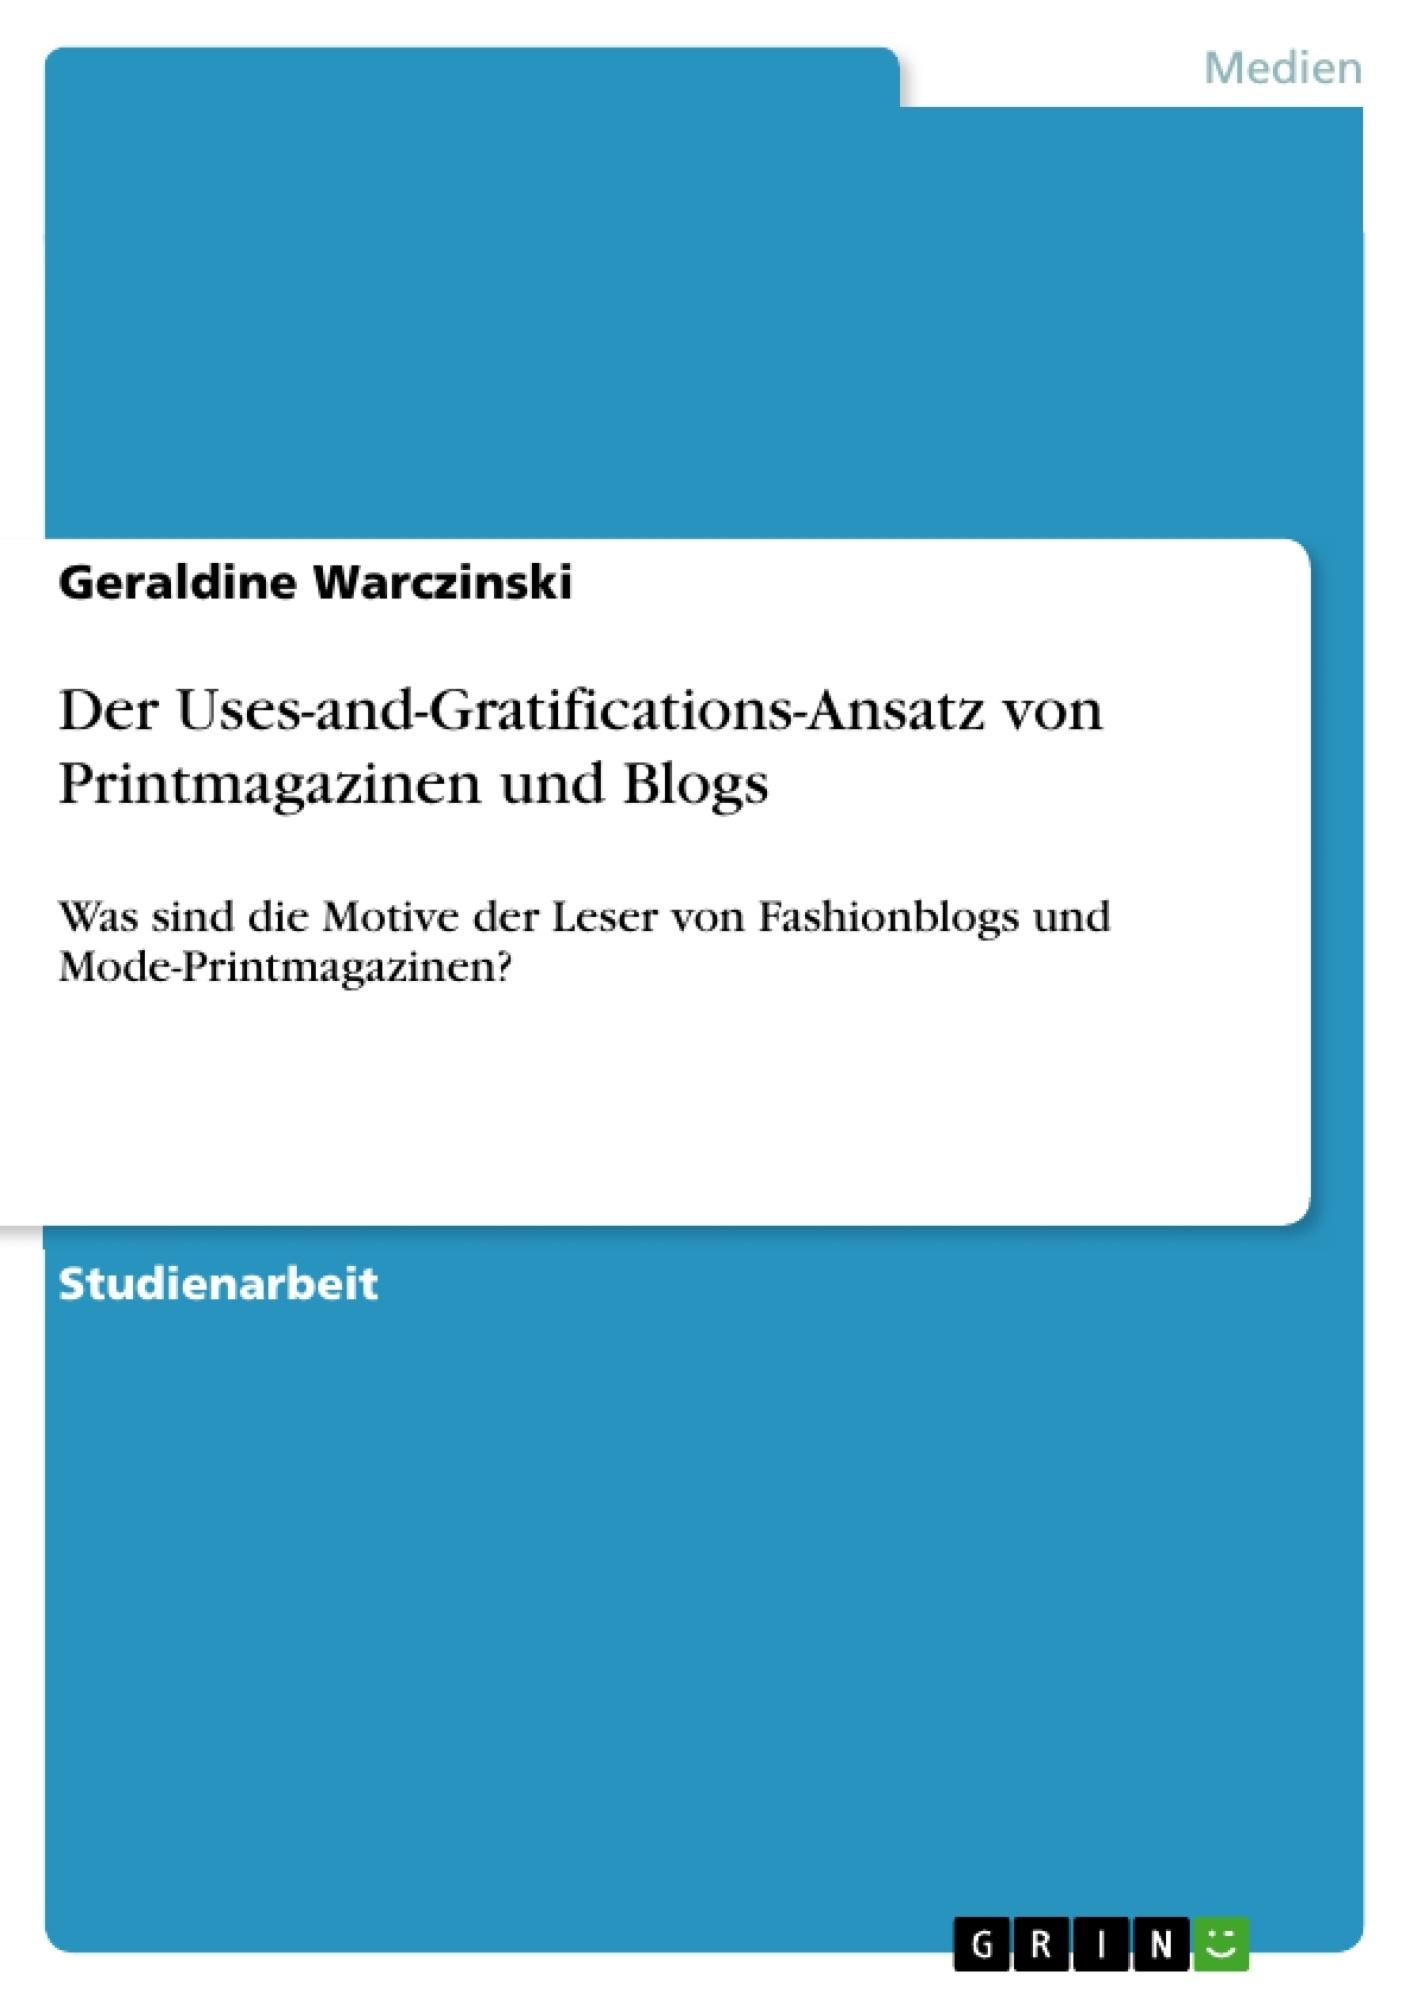 Titel: Der Uses-and-Gratifications-Ansatz von Printmagazinen und Blogs